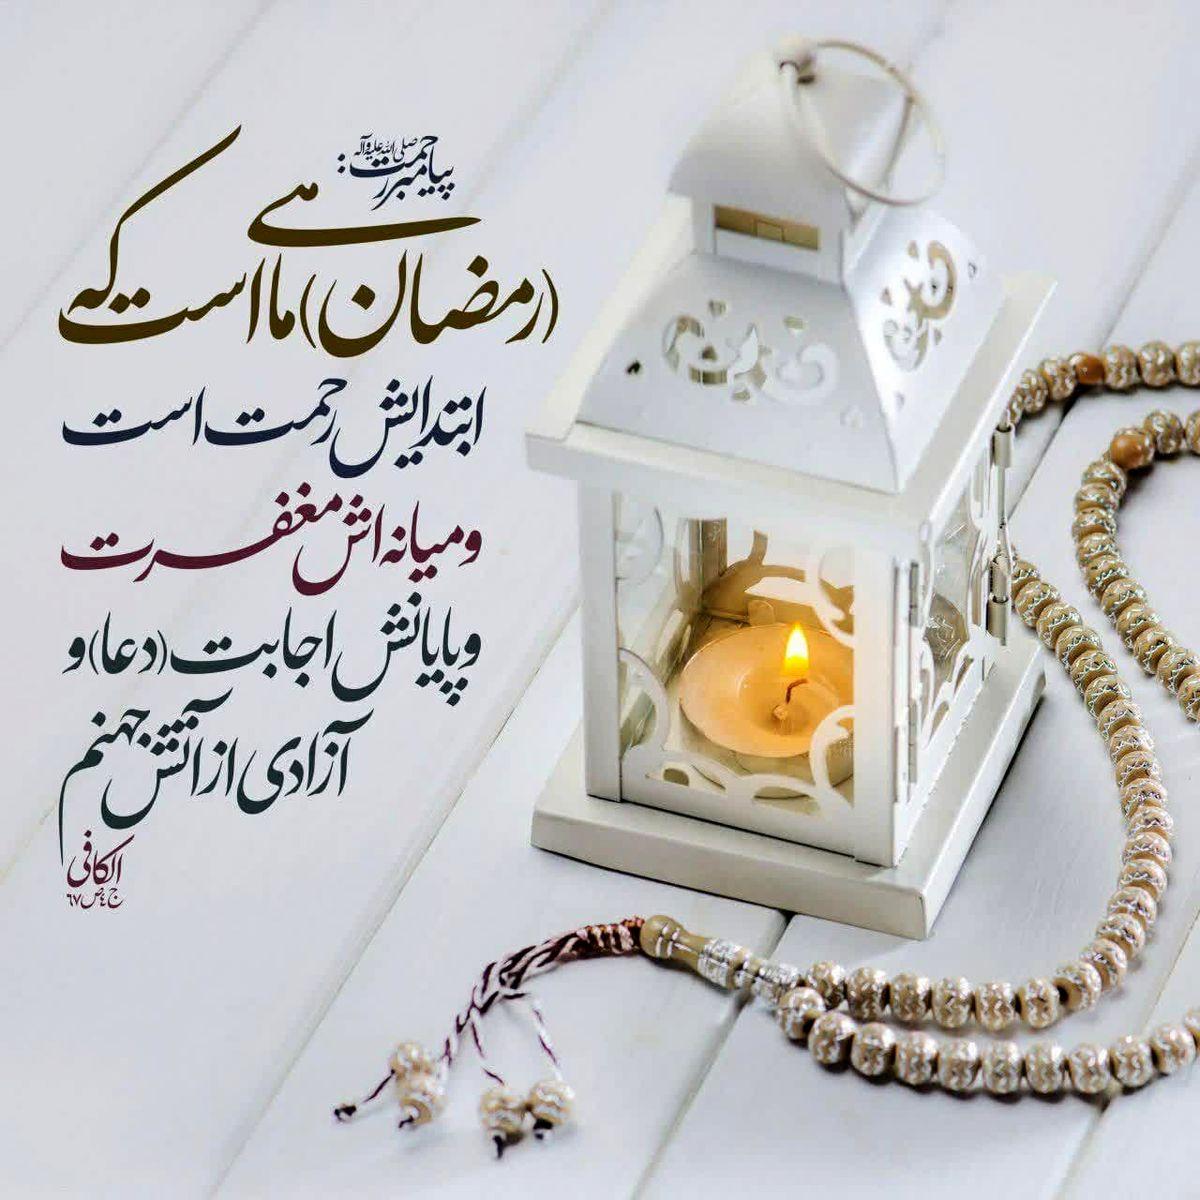 حدیث نورانی حضرت محمد (ص) در رابطه با ماه مبارک رمضان